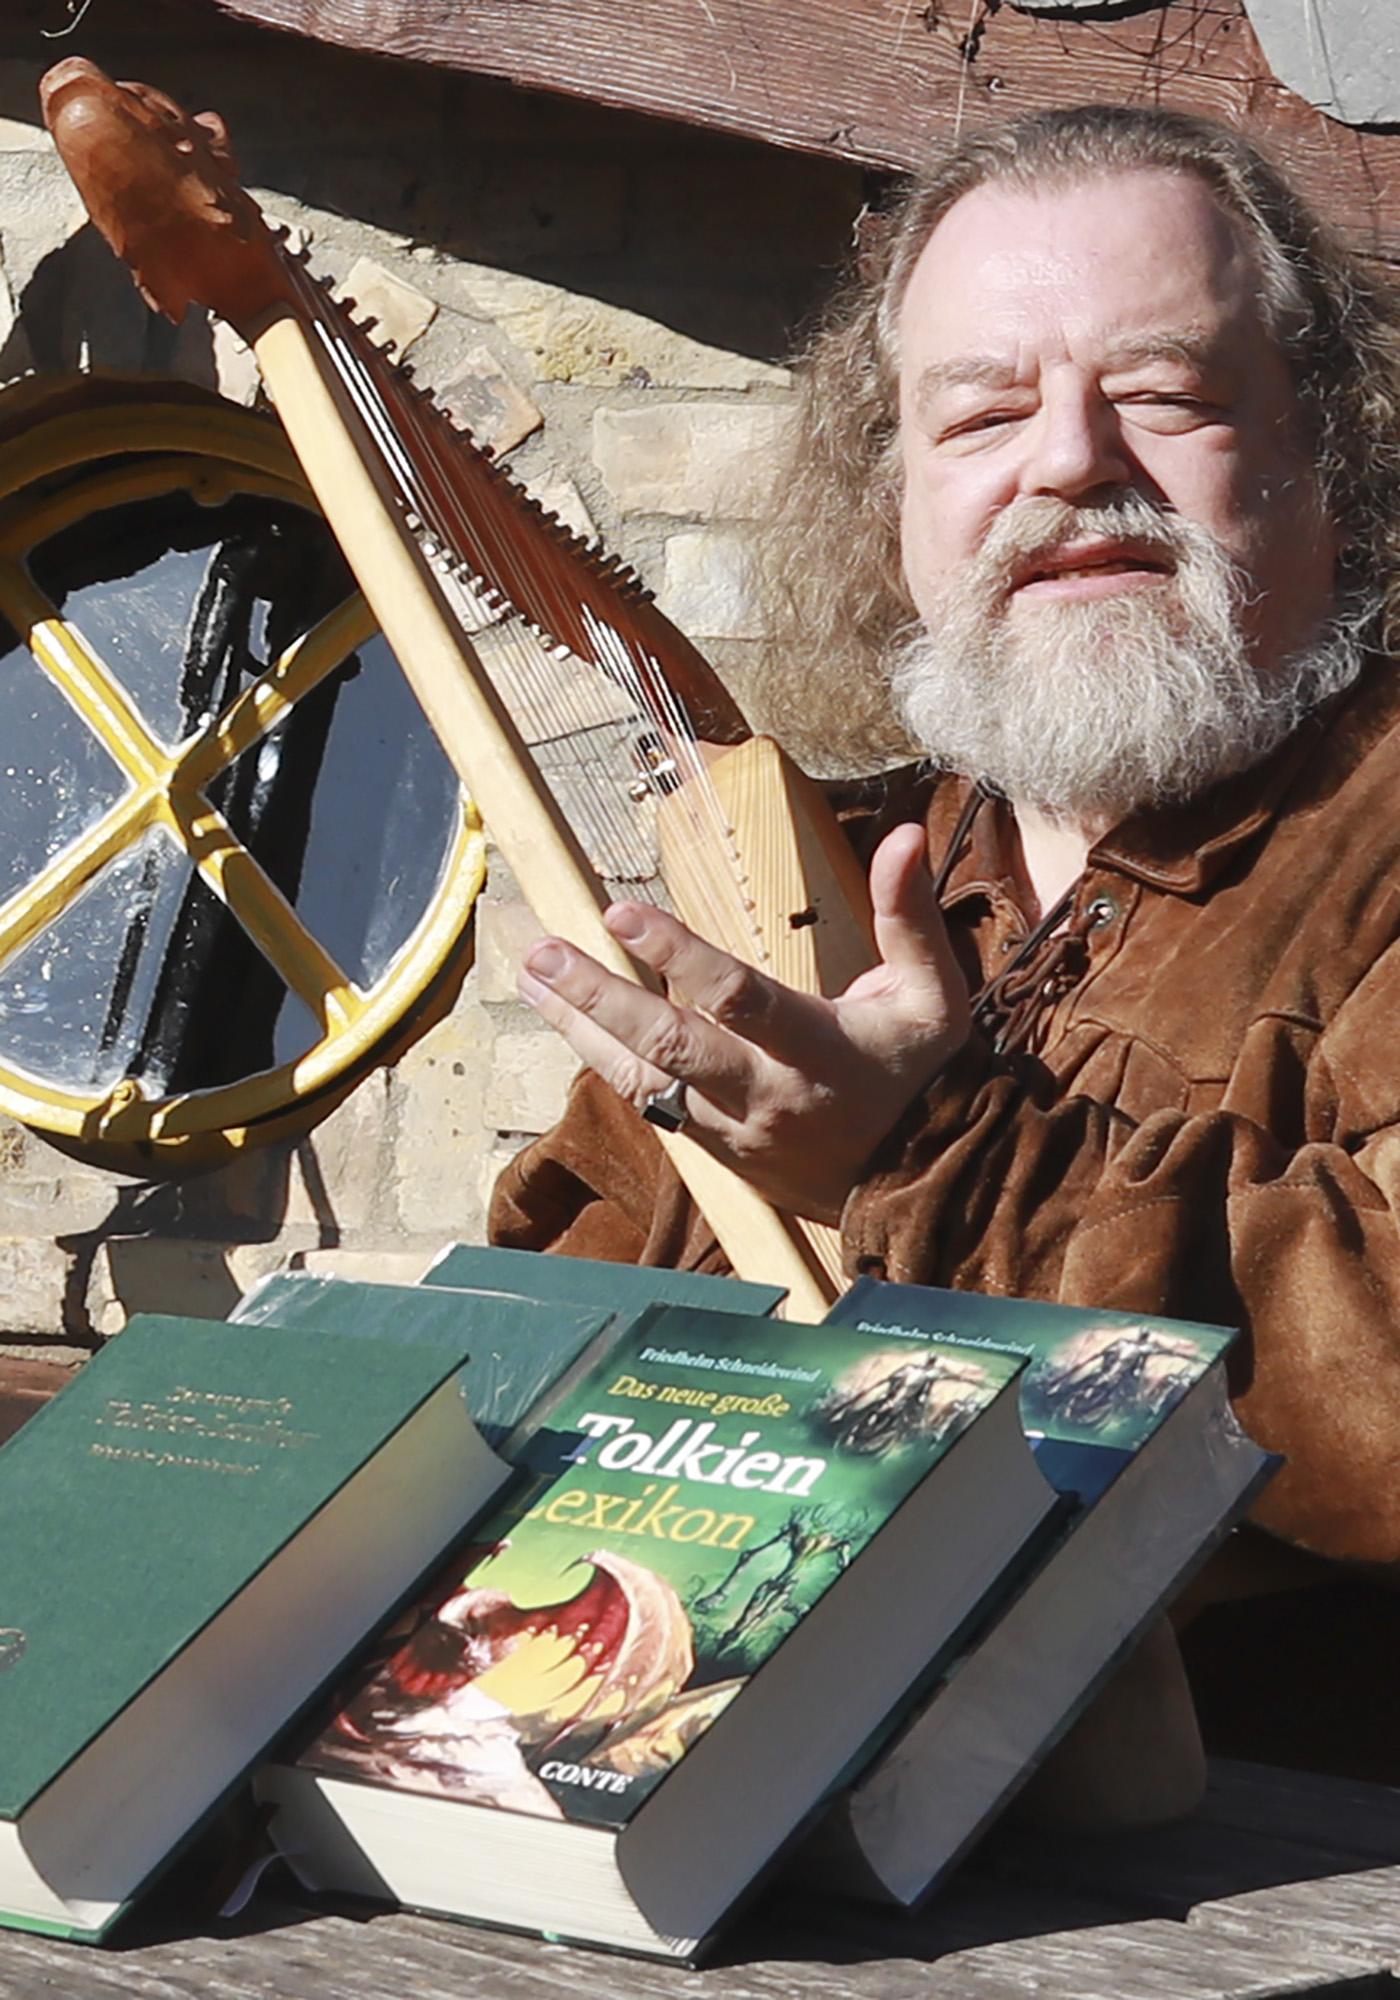 Schneidewind_Autorenbild_Lesung_3_Tolkienabend.jpg